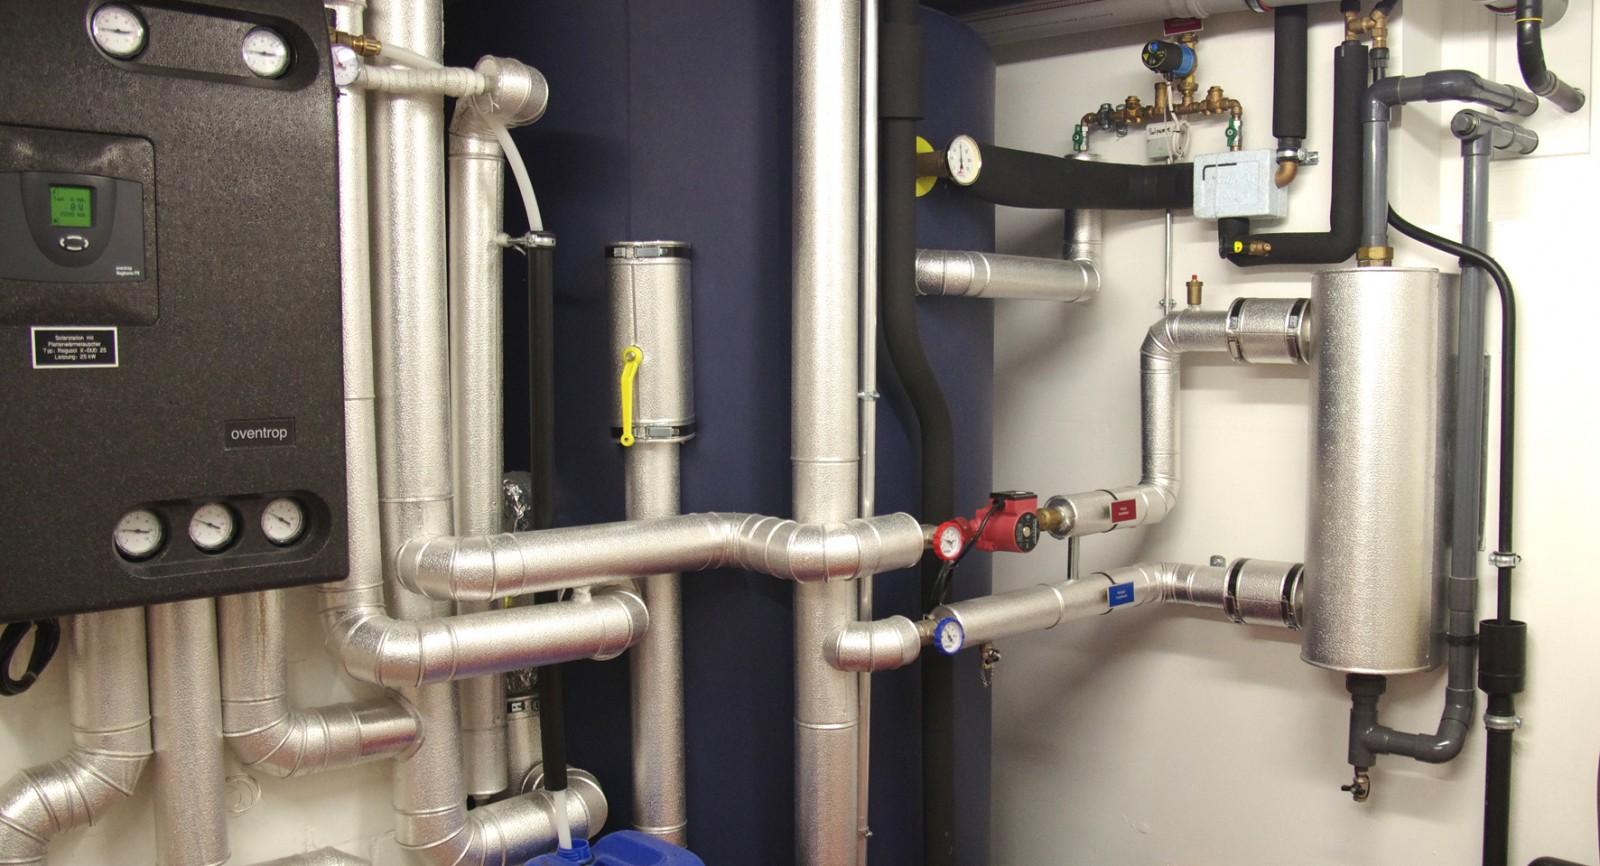 Im Mittelpunkt der Wärmeversorgung steht der 3000-Liter-Speicher, der von Sonnenkollektoren und Stirling-Gerät mit Wärme beliefert wird und eine optimale Schichtung erlaubt.